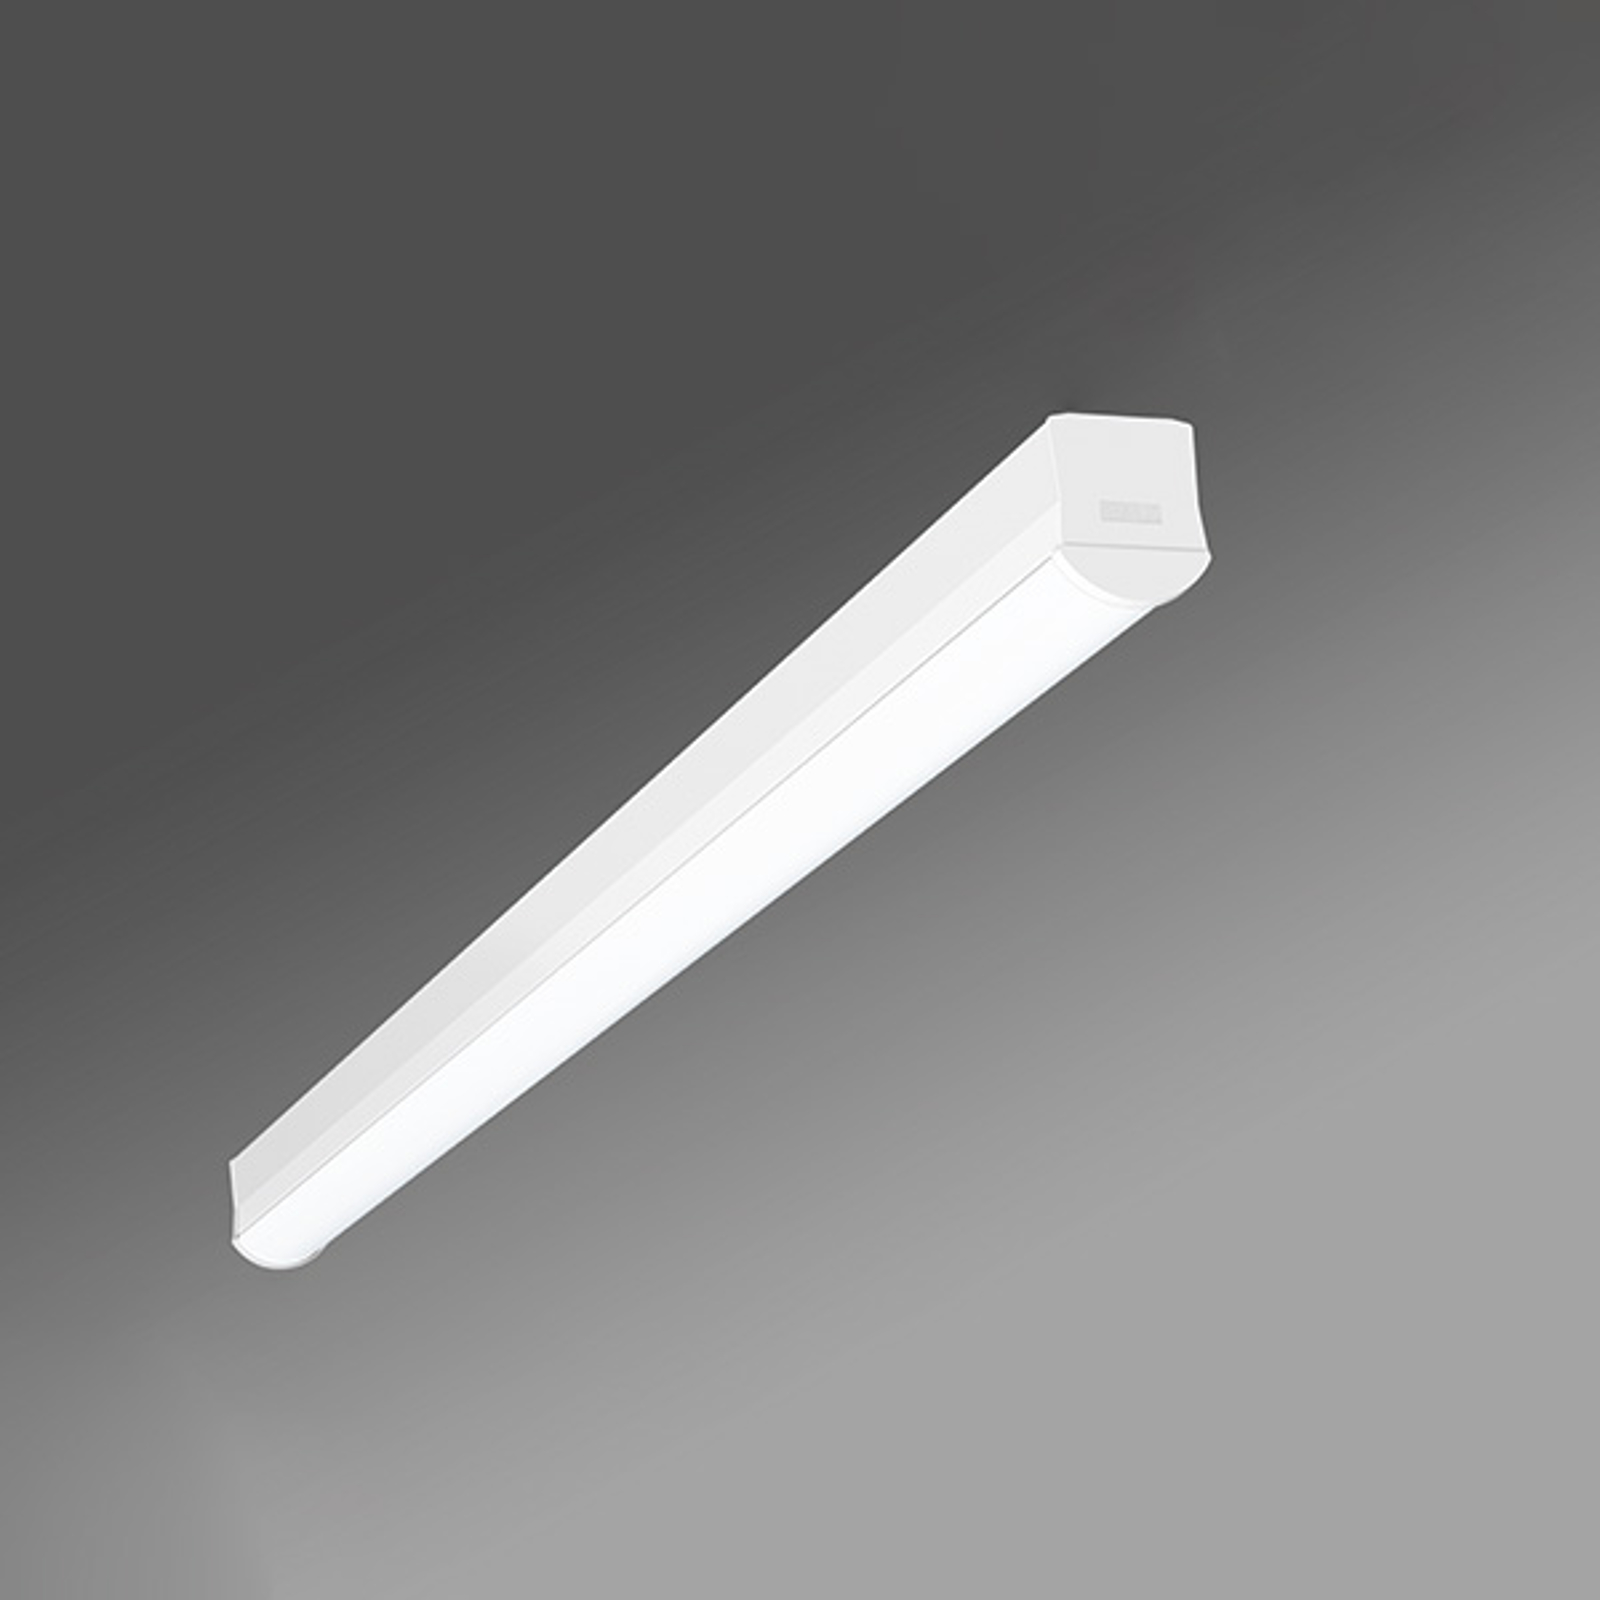 Pitkä LED-kattovalaisin Ilia-ILG/1200 4 000 K